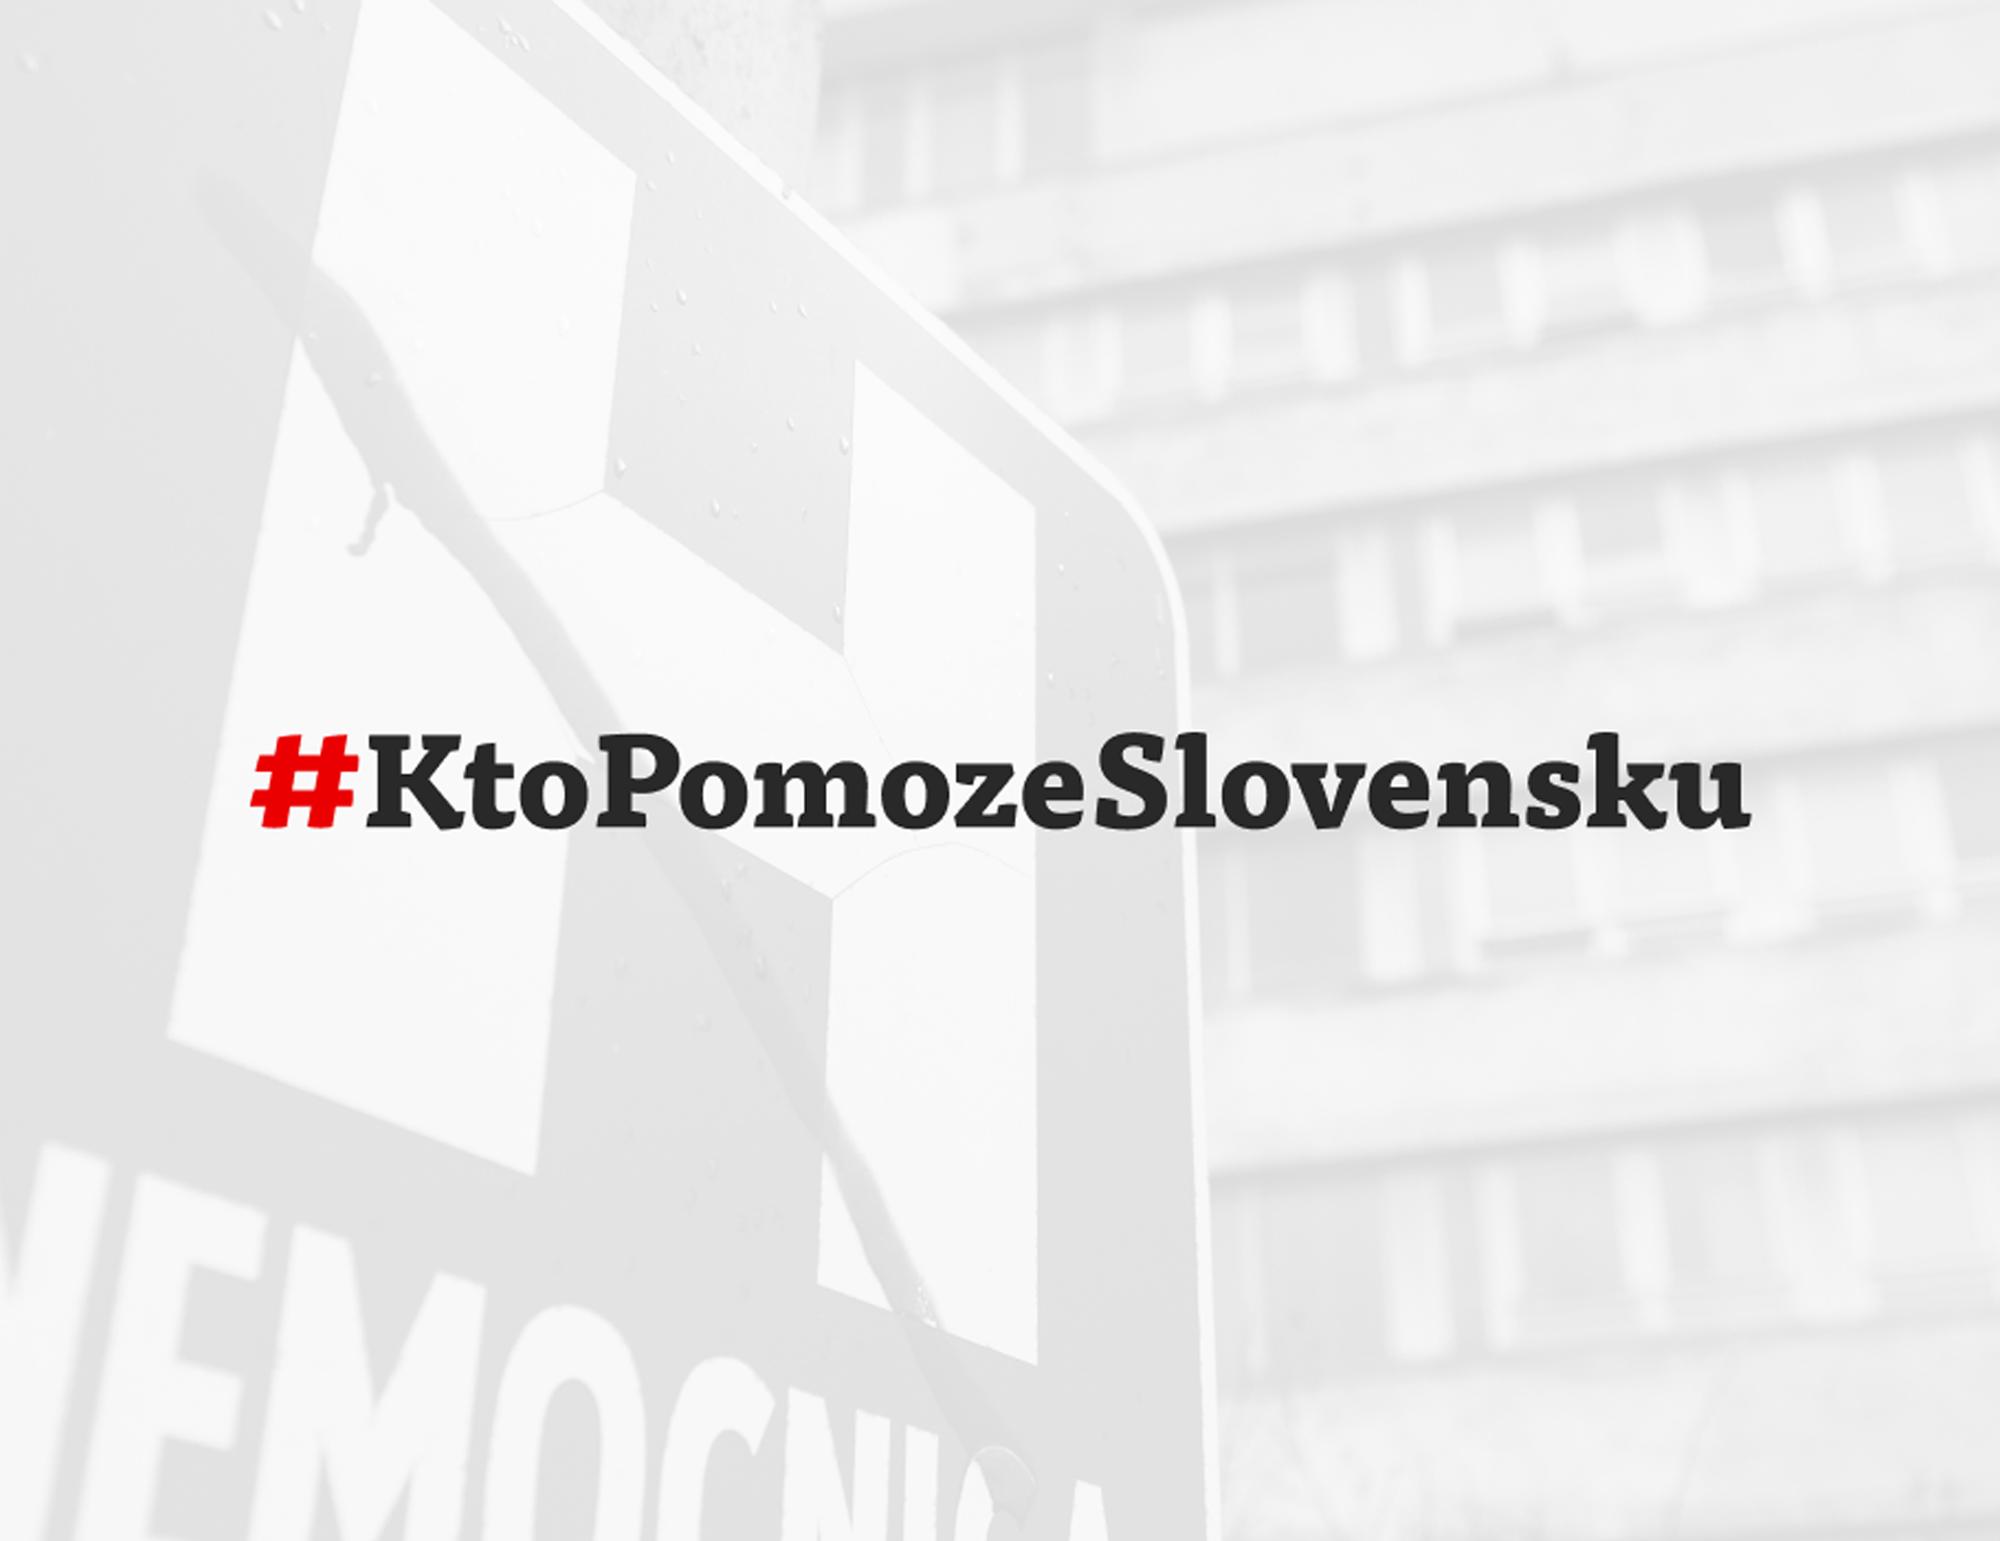 Iniciatíva #KtopomozeSlovensku